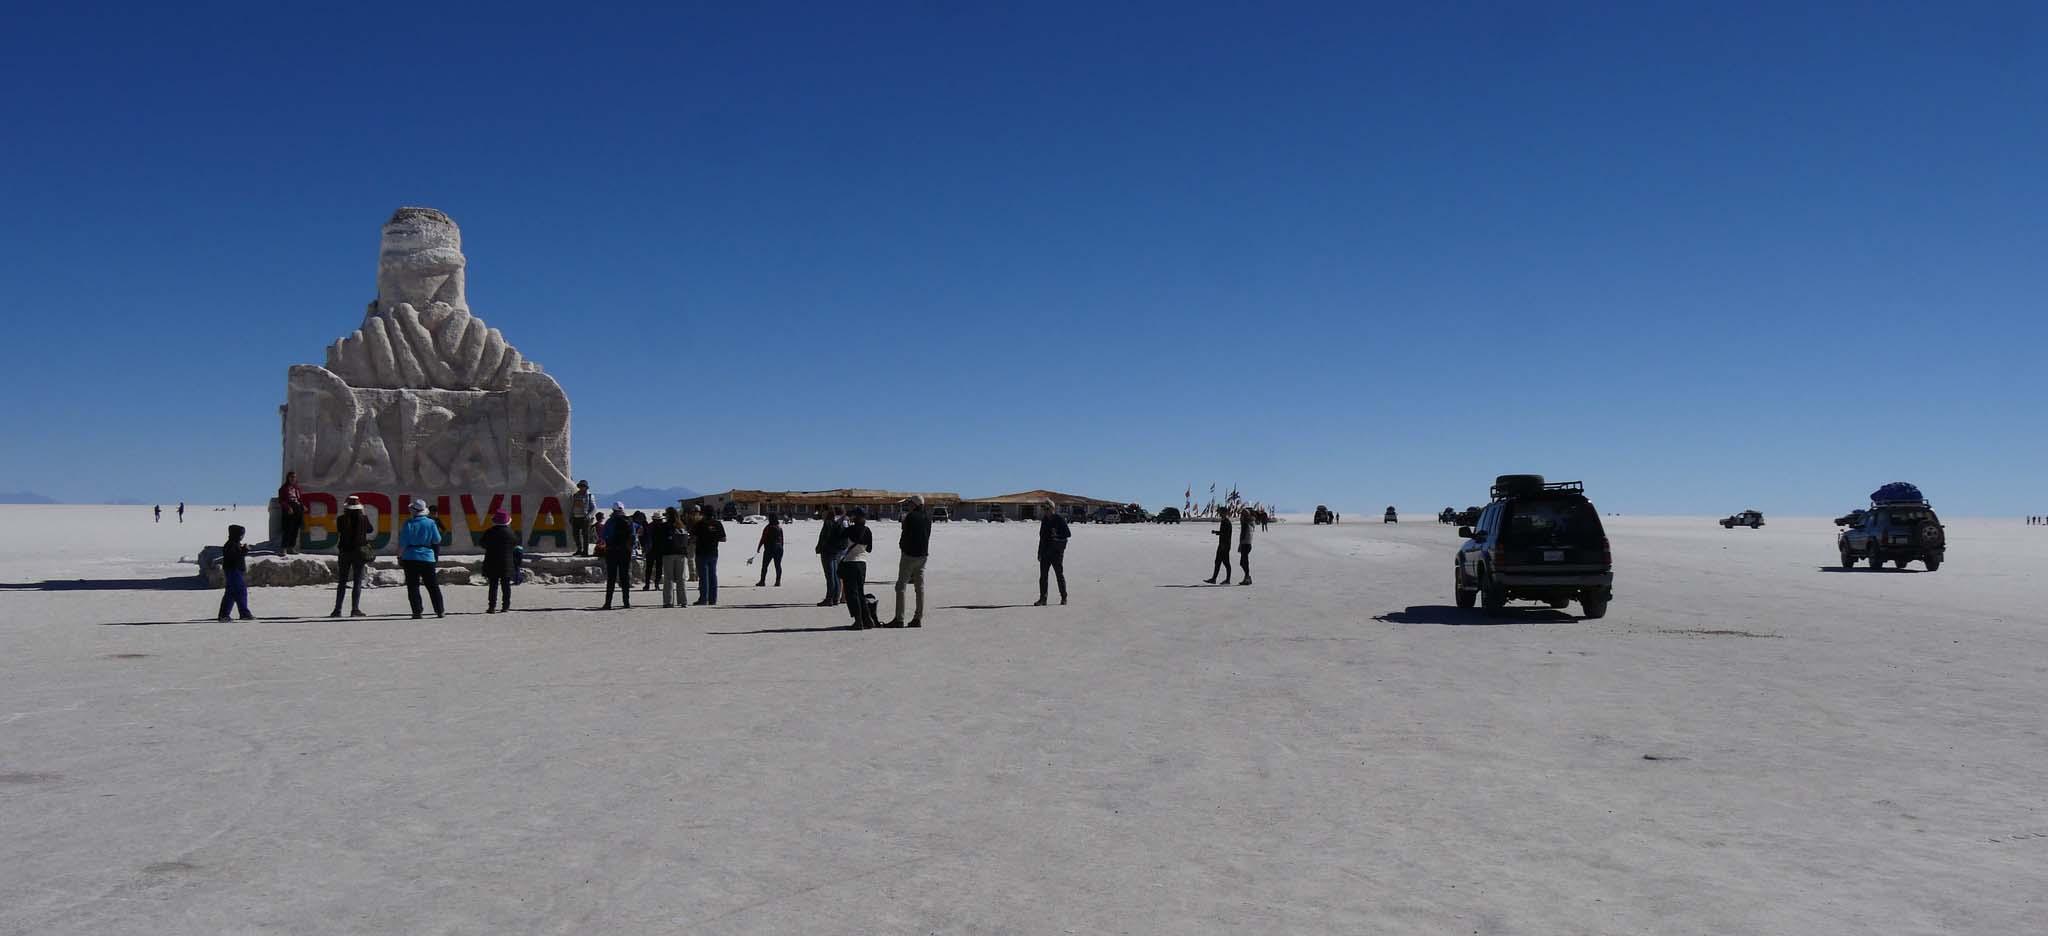 Bolivia at Glance